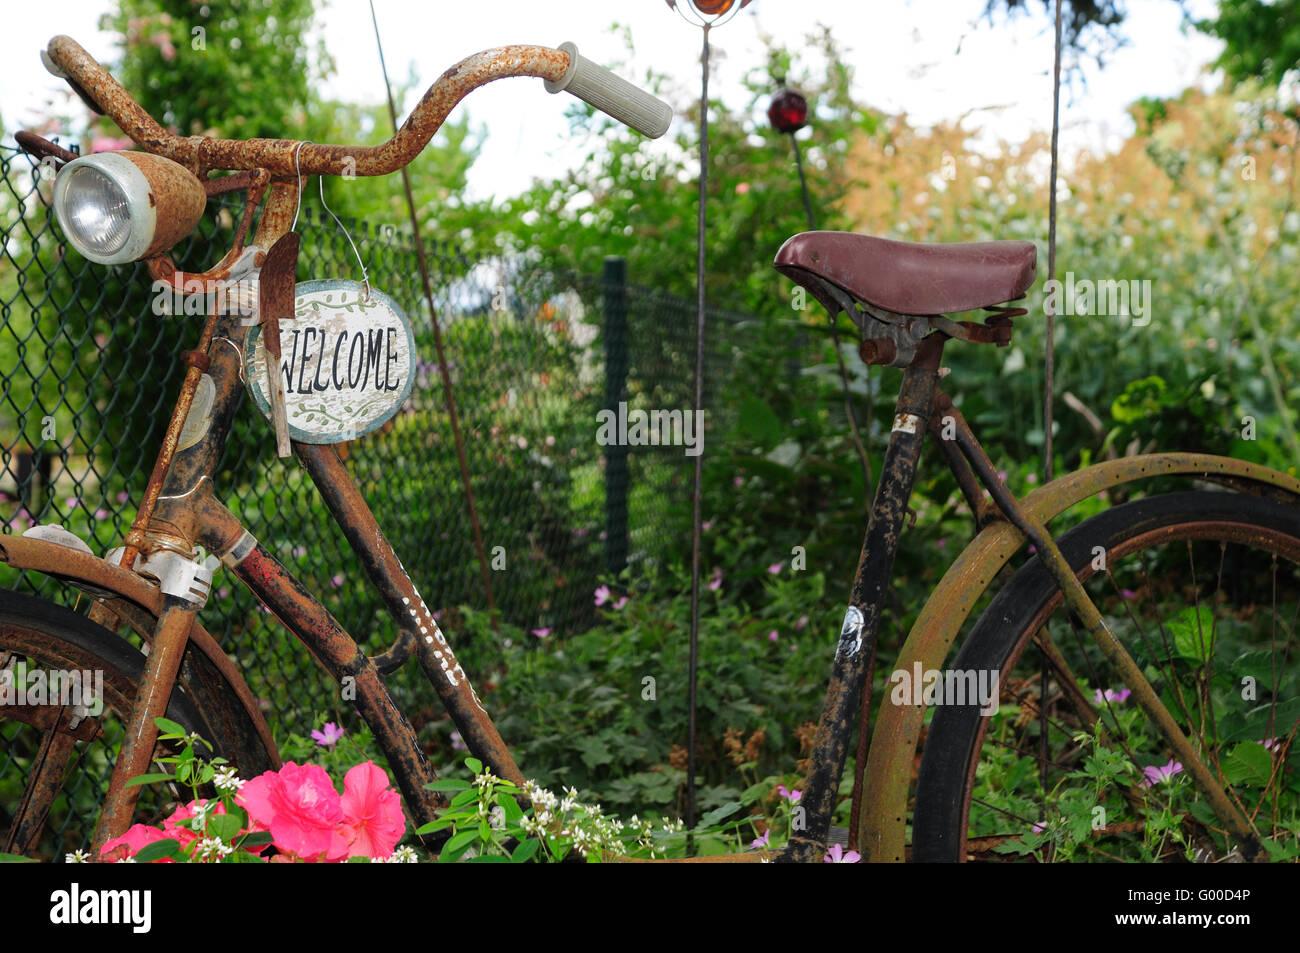 Deko Fahrrad Garten Weihnachtsdeko Metall Rost Metall Deko Garten Neu